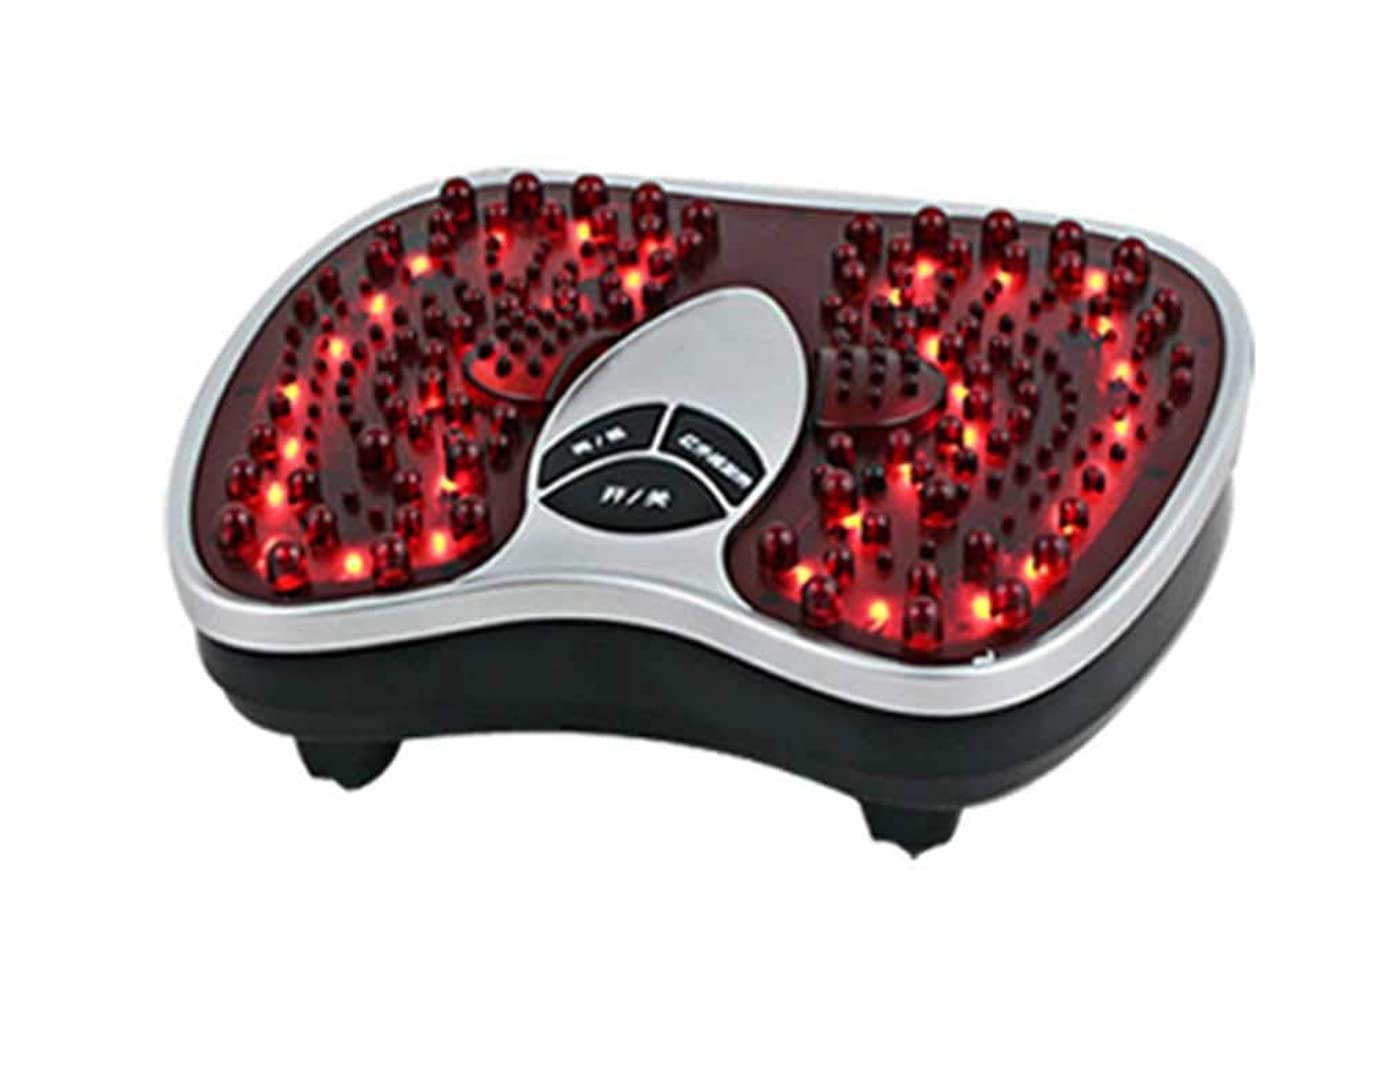 オッズもろい施設フットマッサージャーフットマッサージャー赤外線低周波パルスフットマッサージャー振動は効果的に足の疲労を解消することができます